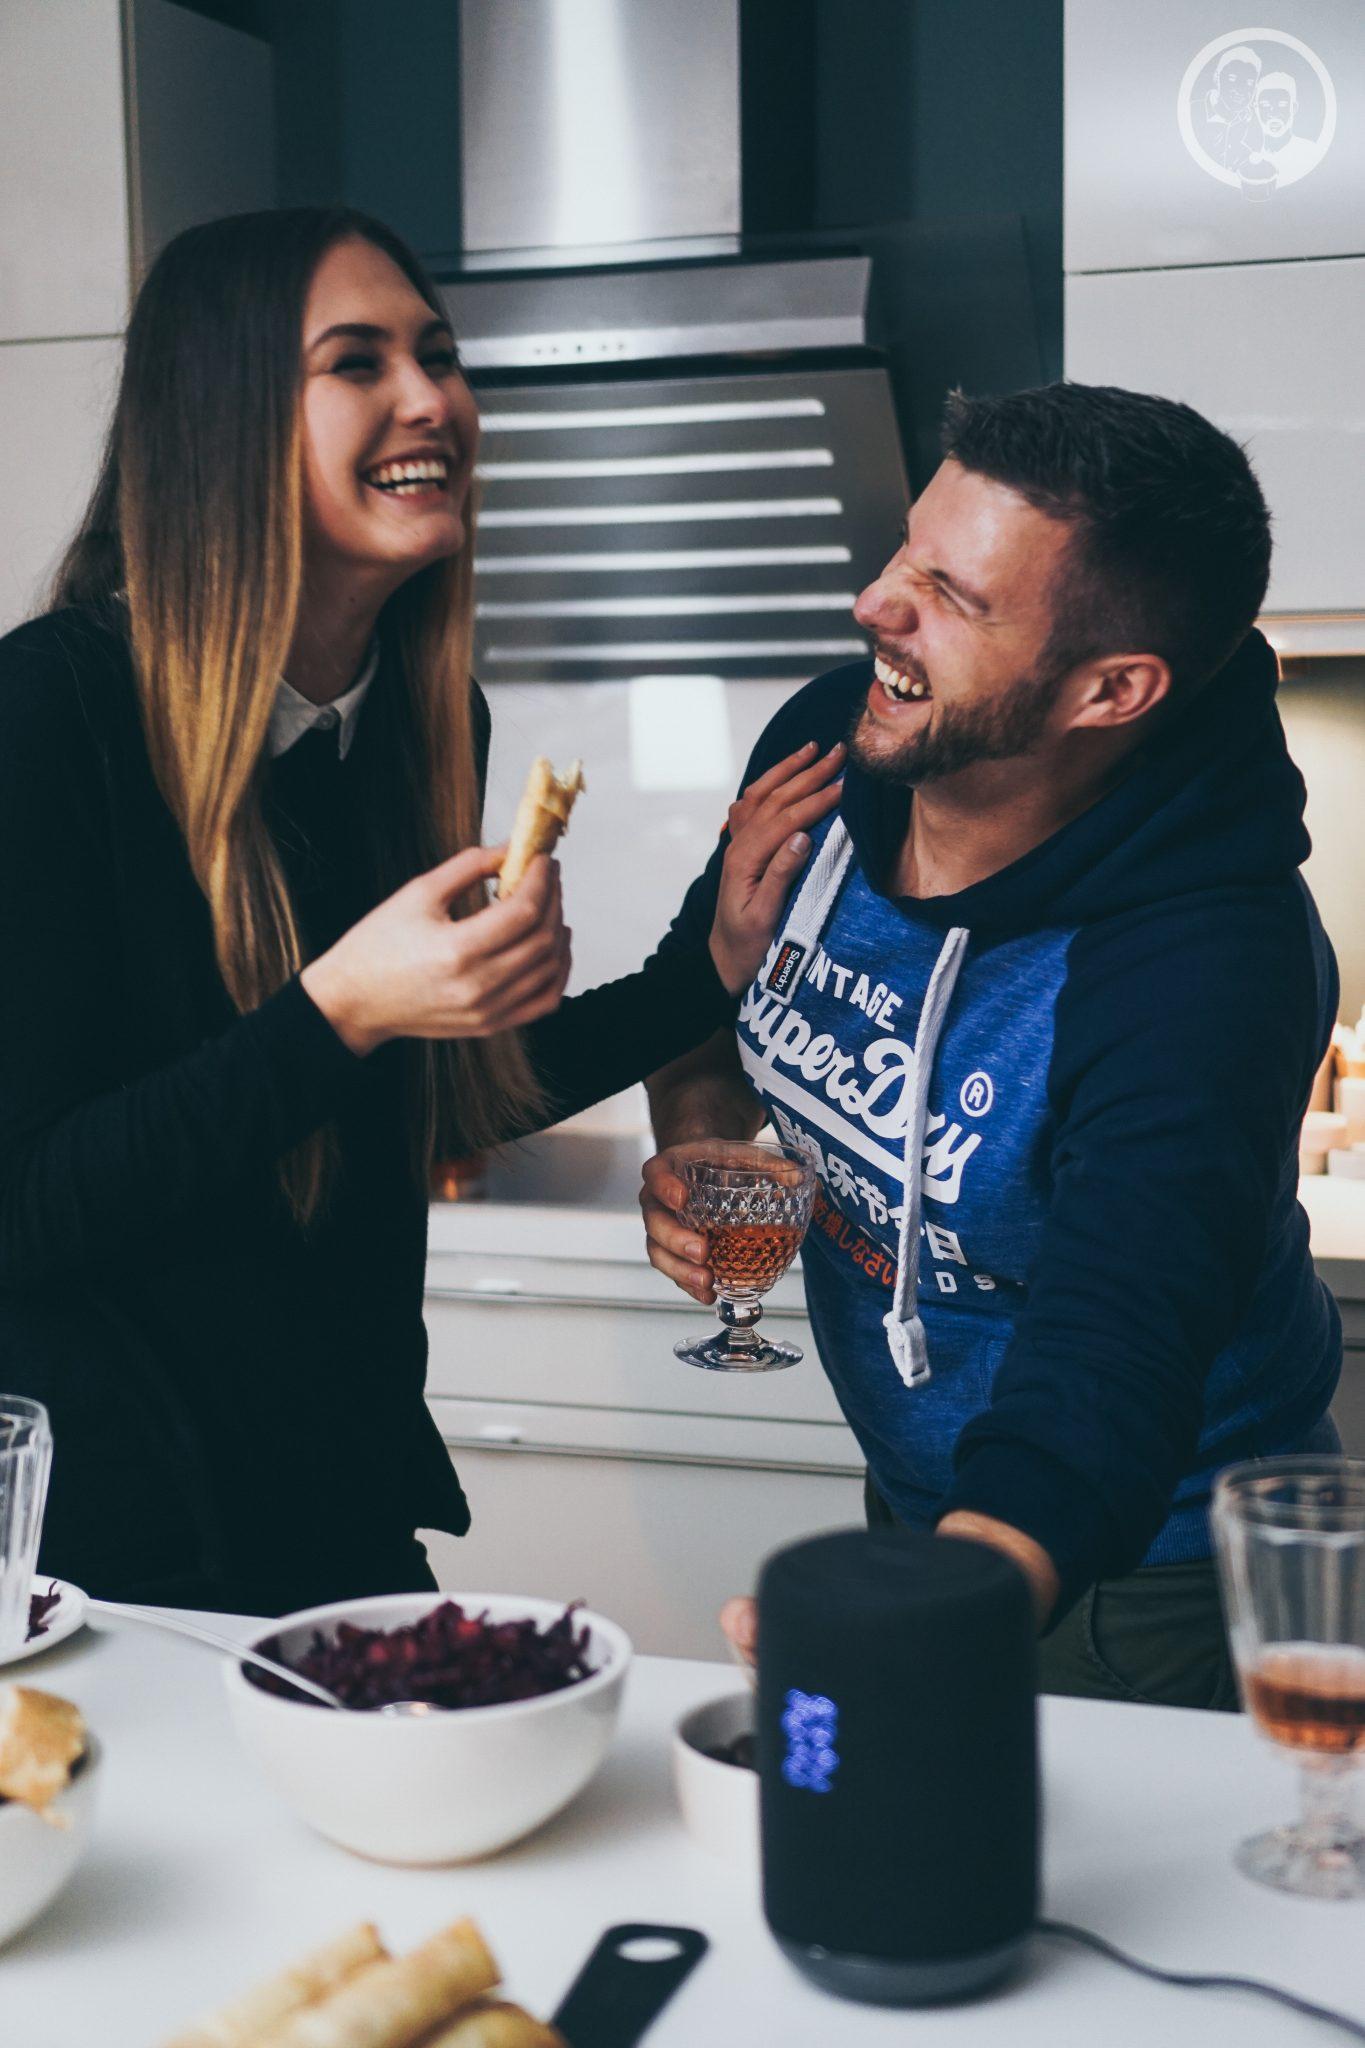 B%C3%B6rek mW 11   Unsere Küche ist der Mittelpunkt unserer Wohnung ... hier verbringen wir die meiste Zeit! Ob beim Kochen und Backen, beim gemütlichen Zusammensein oder auch bei spontanen Partyabenden.Dazu gibt es immer leckere Snacks, denn hungern muss definitiv keiner unserer Freunde bei uns :)So auch nicht bei unserer letzten kleinen Küchenparty! Es gab köstliches Finger Food in Form von Börek.